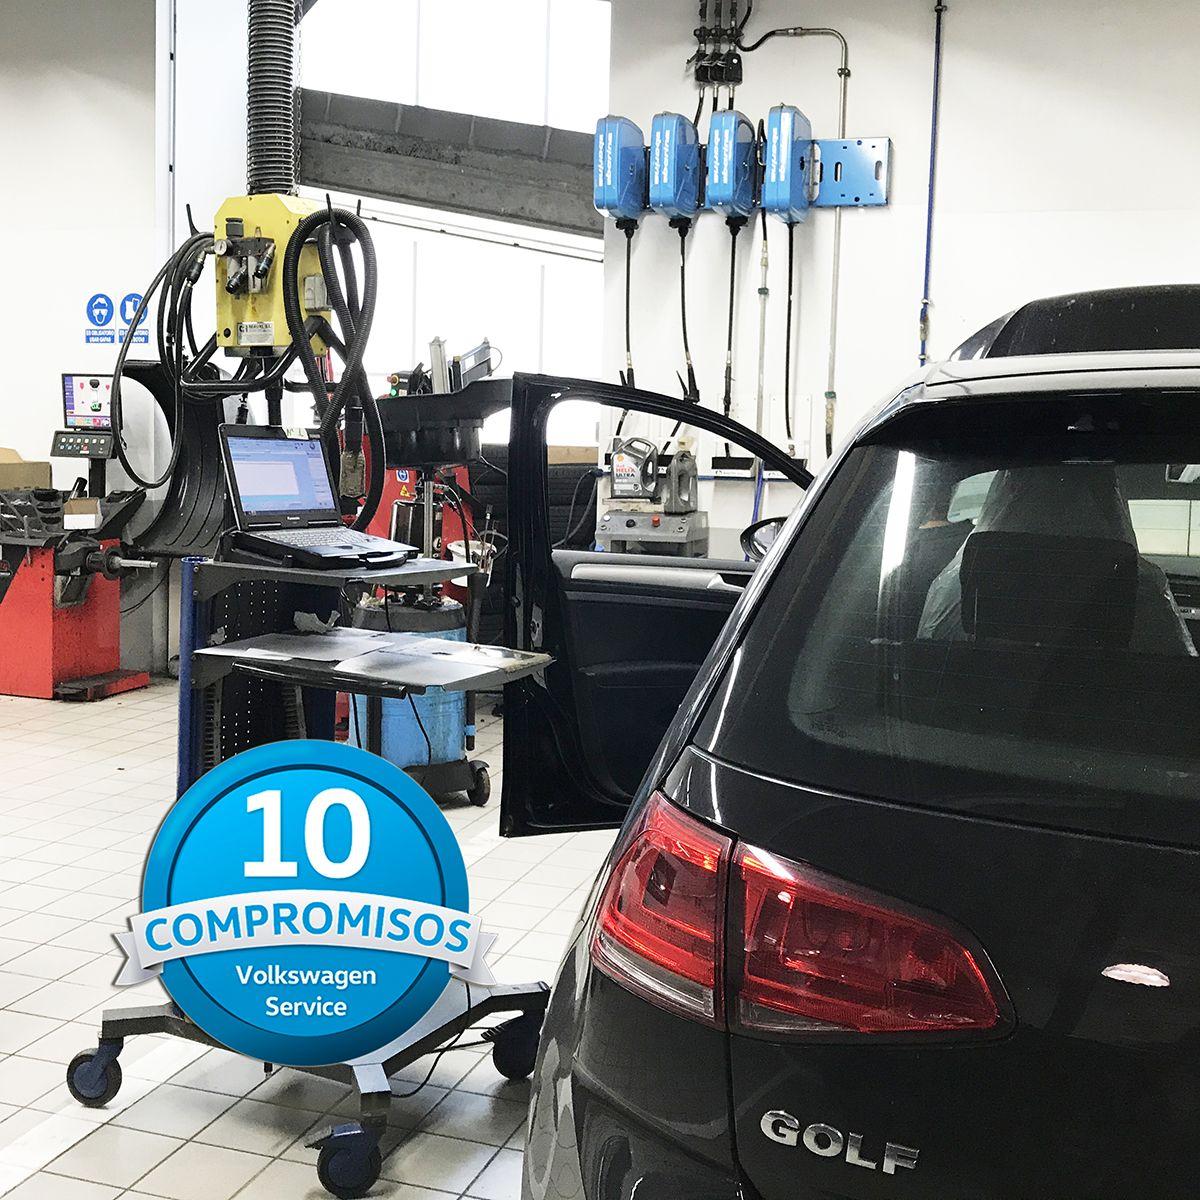 Los Compromisos Volkswagen Service de Automóviles Sánchez